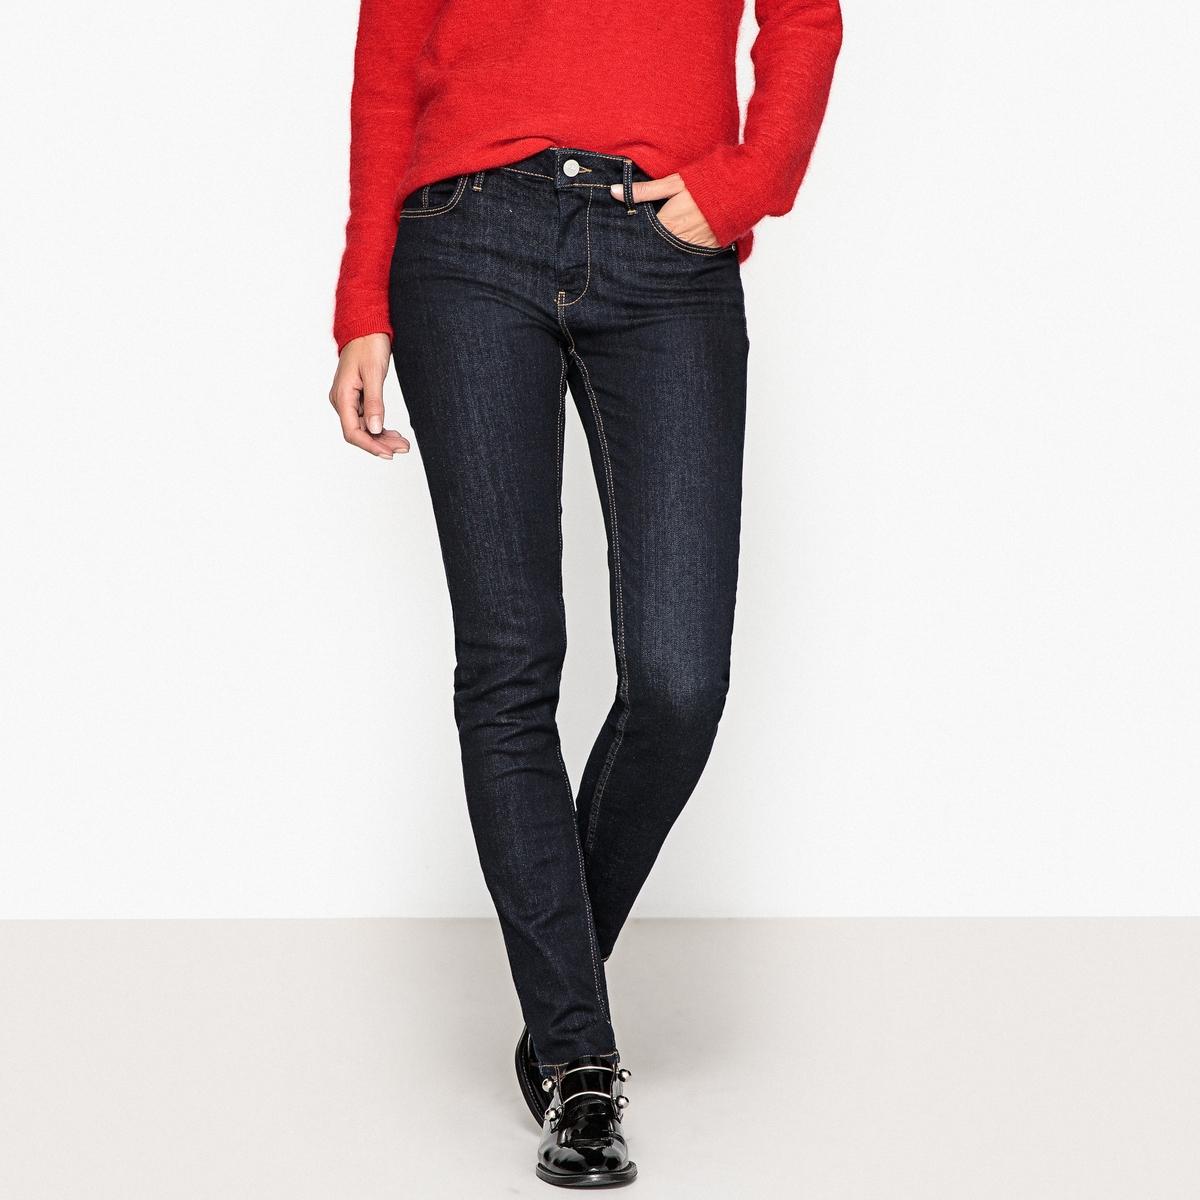 Джинсы узкие TEBO джинсы mary katrantzou джинсы узкие